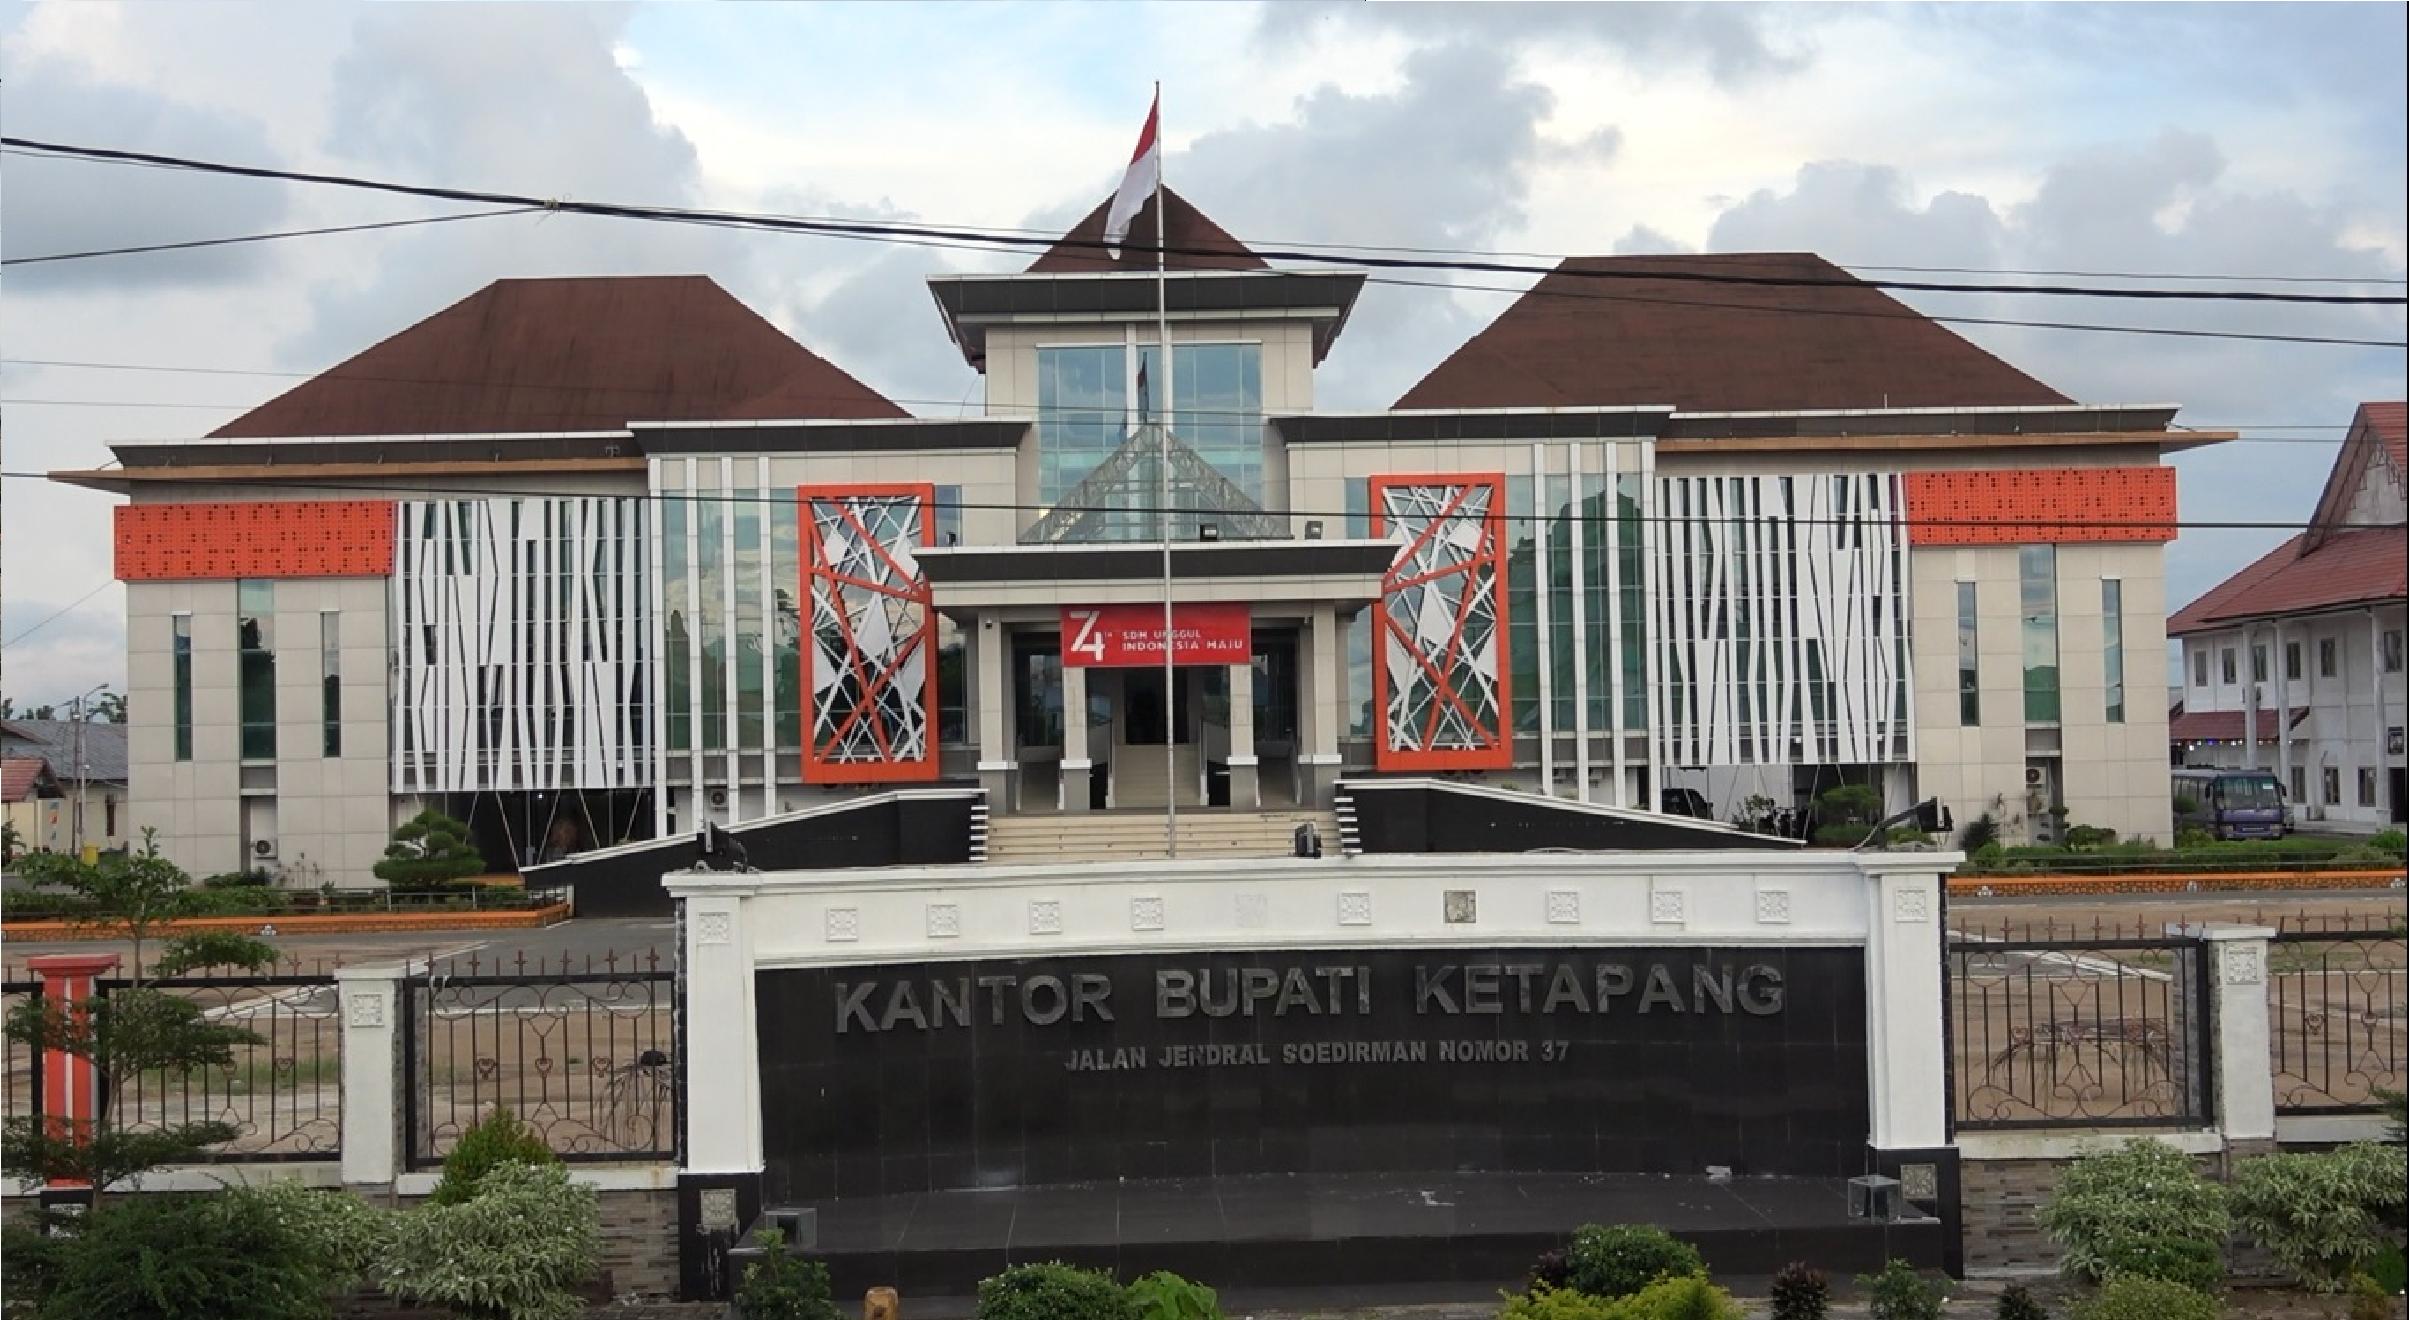 kantor_bupati_ketapang.png